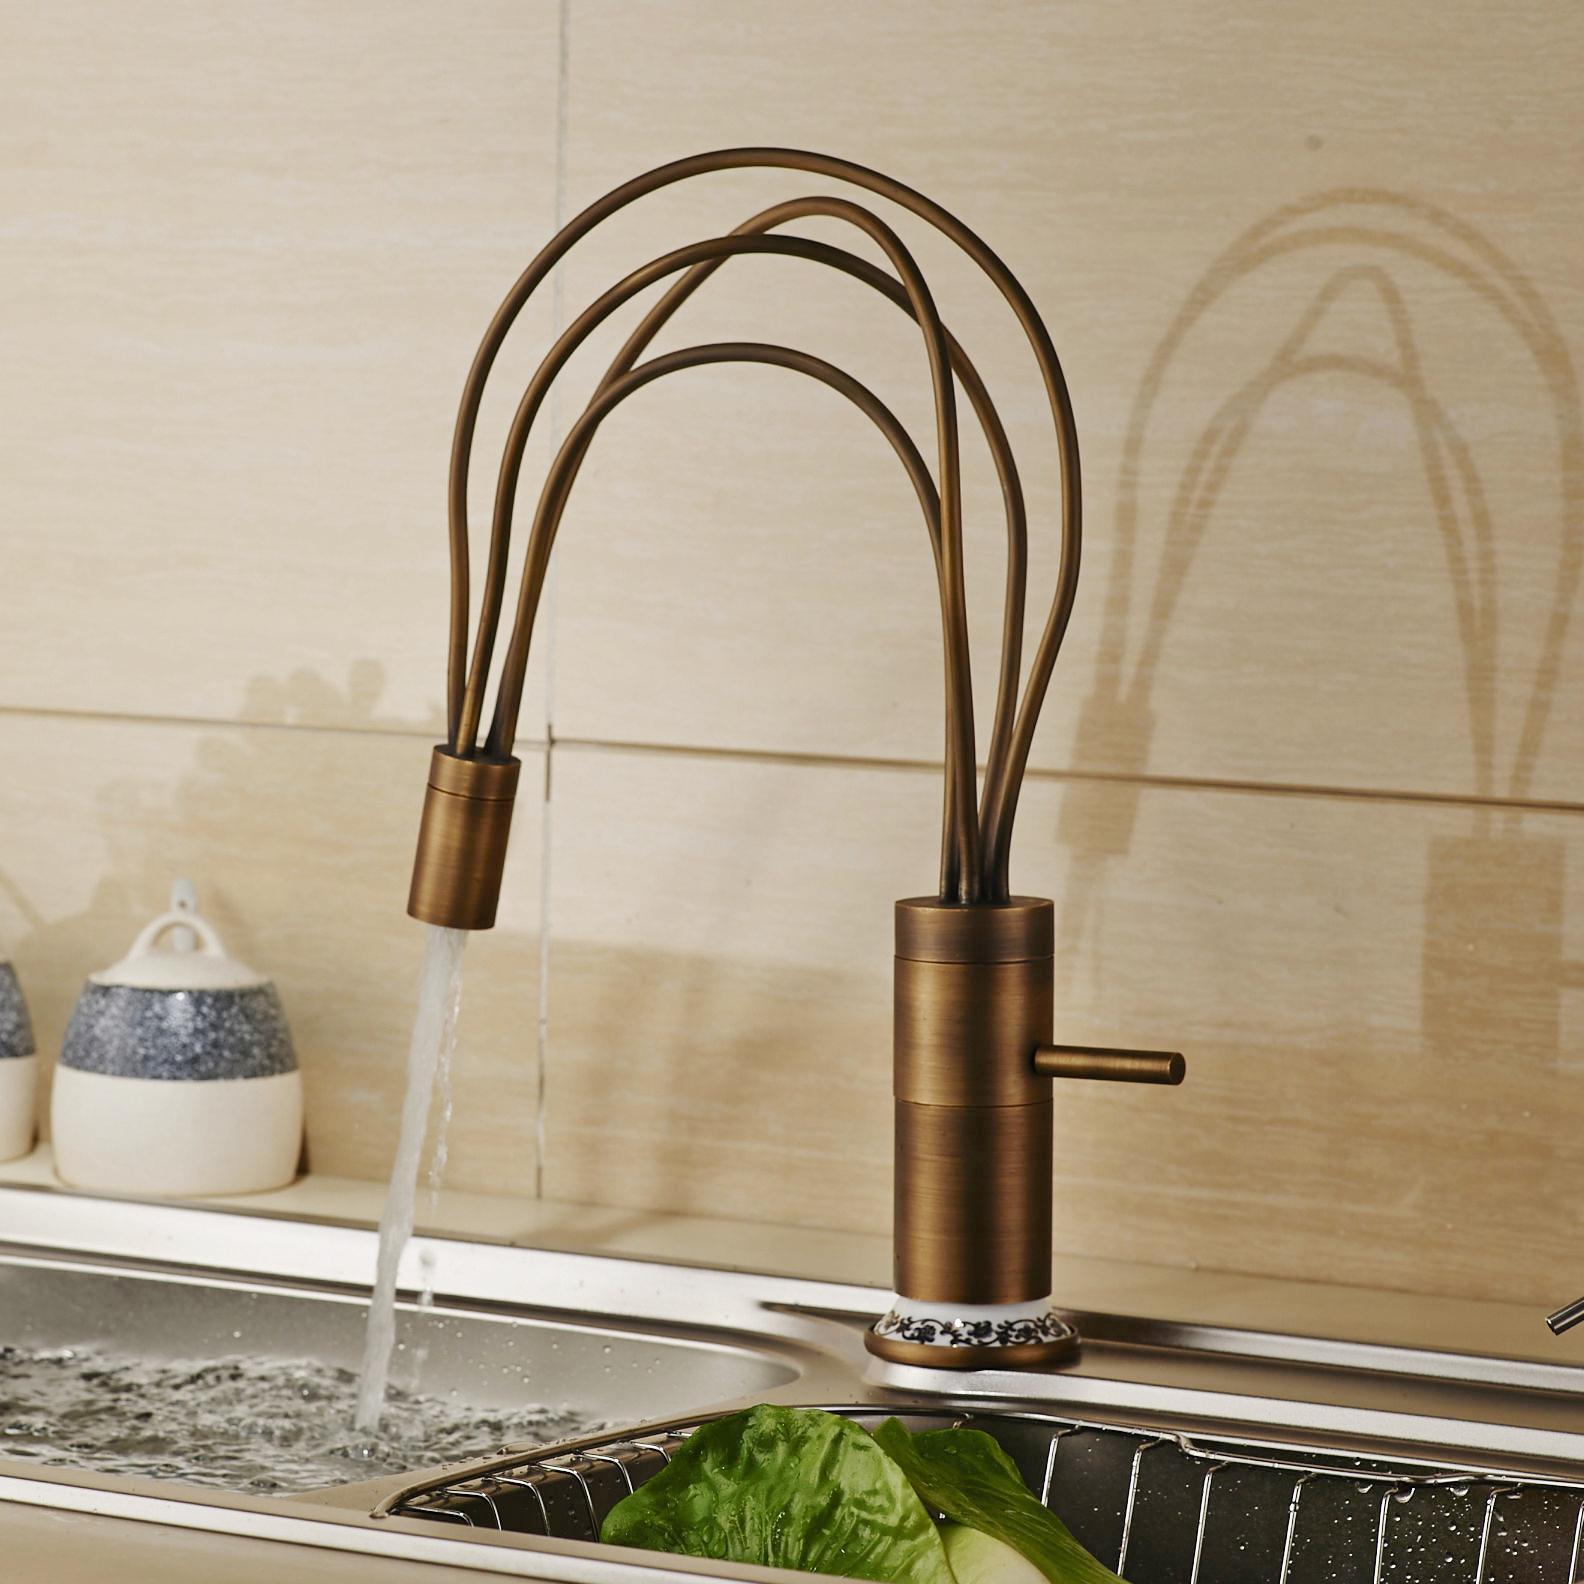 Best Antique Brass Deck Mounted Flexible Spout Kitchen Sink Faucet ...